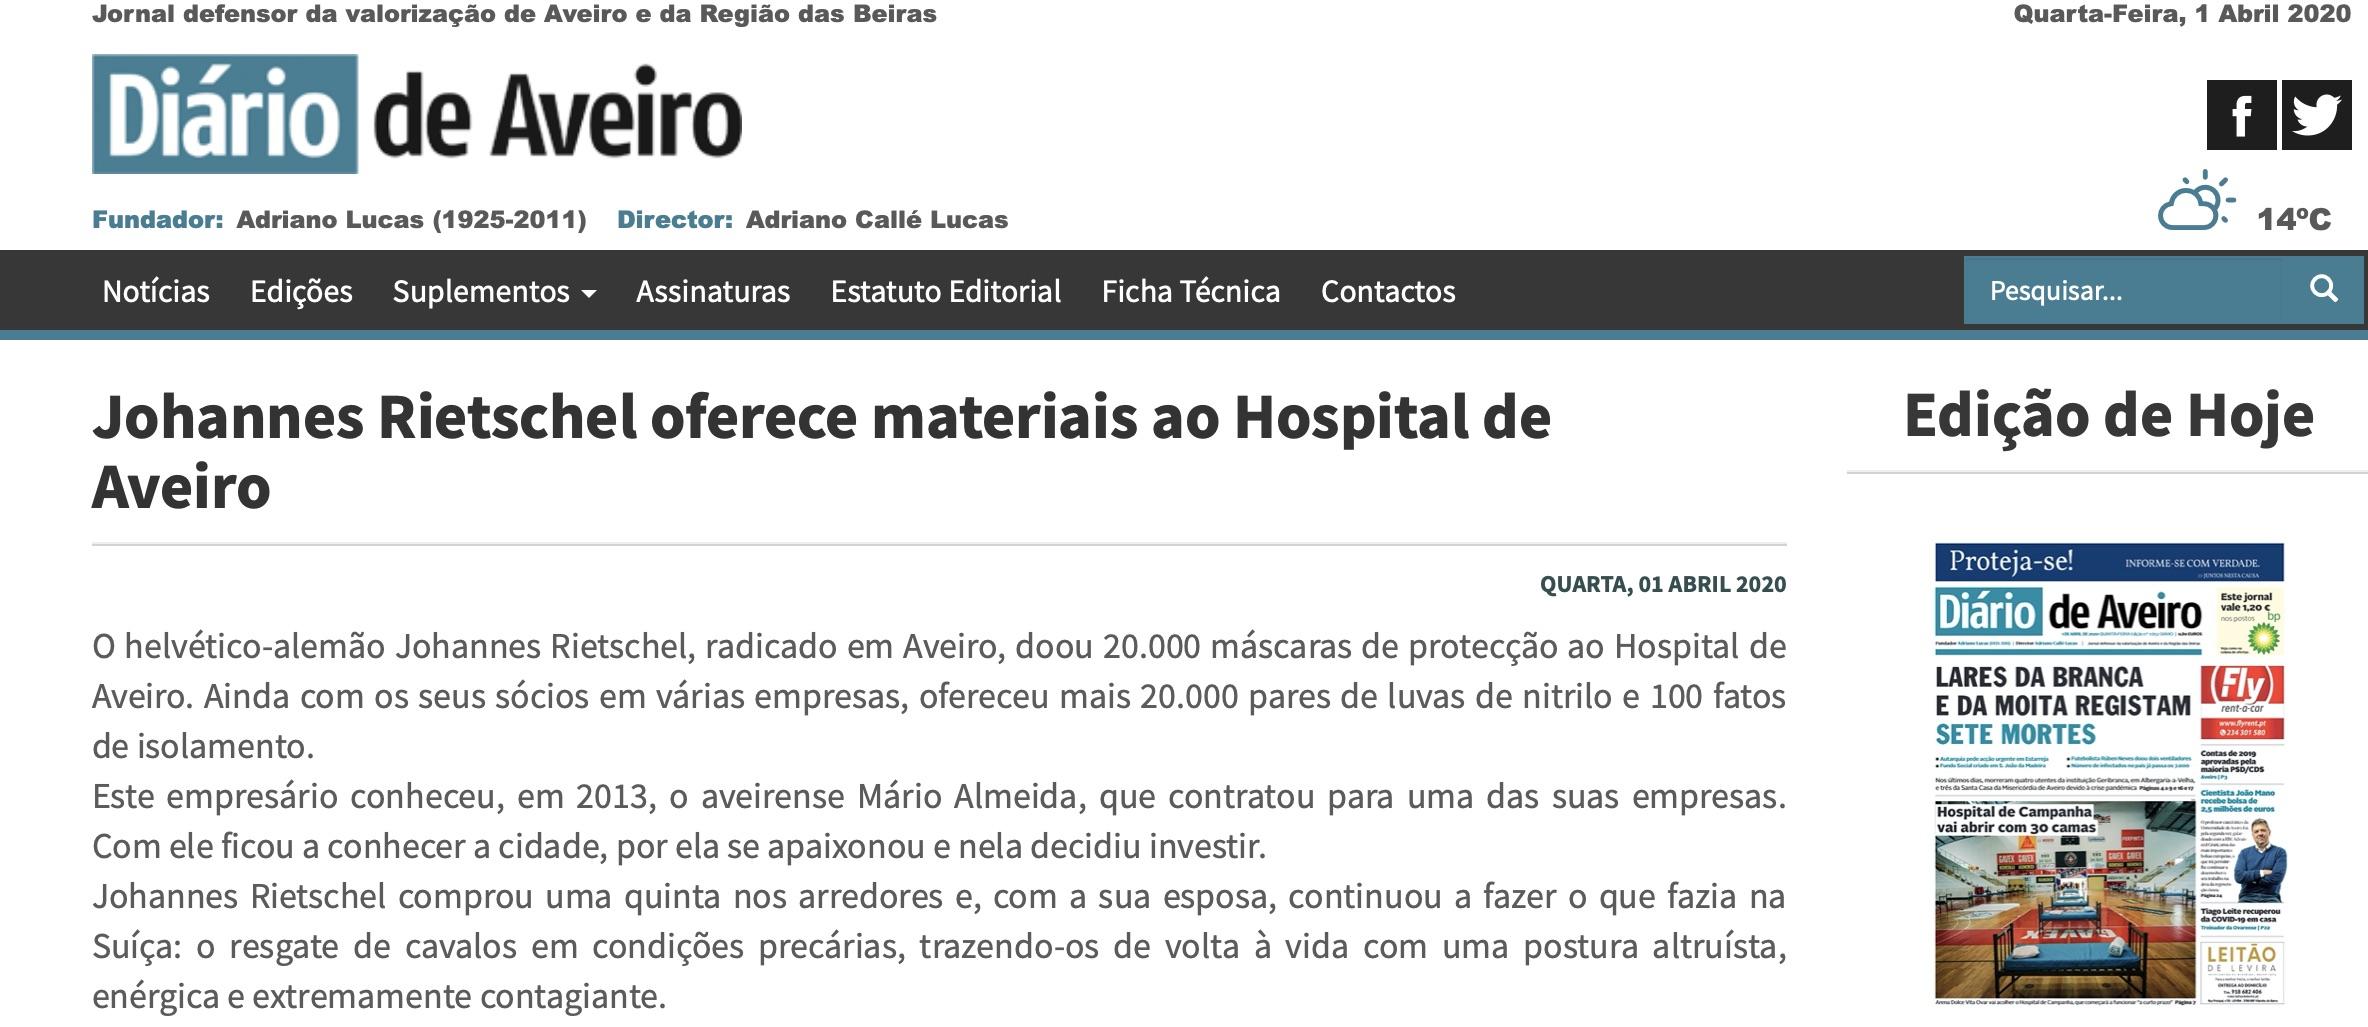 Johannes Rietschel oferece materiais ao Hospital de Aveiro